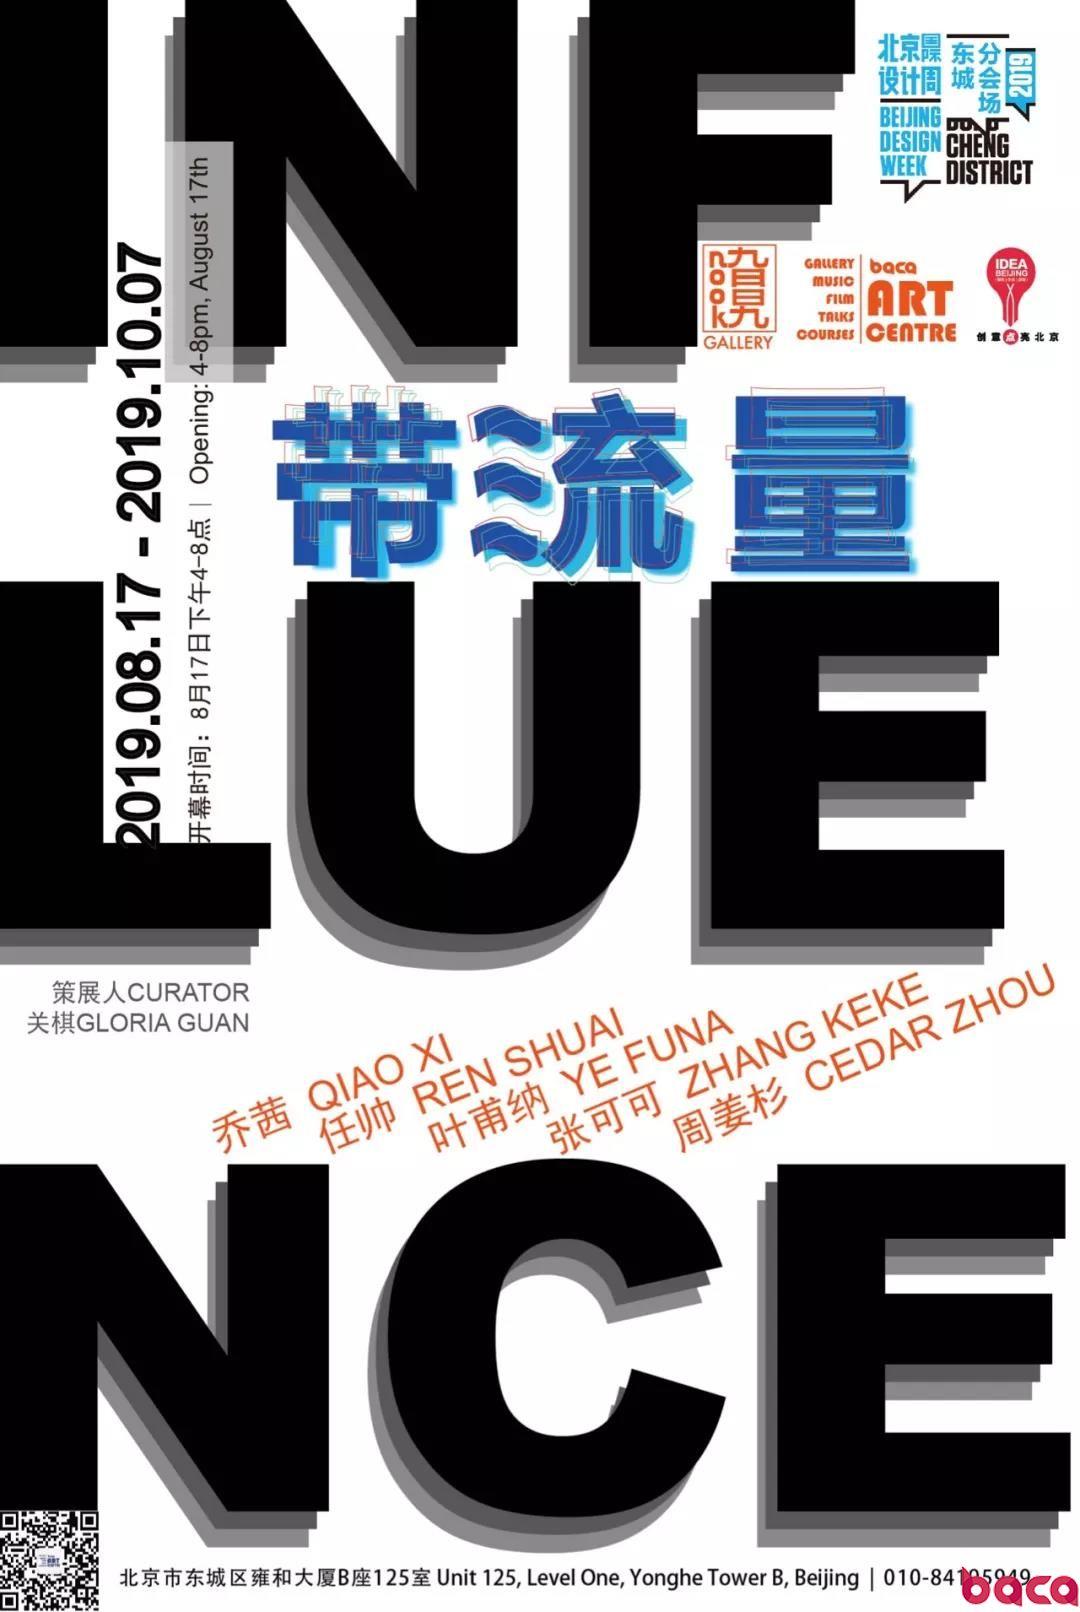 2019北京国际设计周 BACA艺术中心